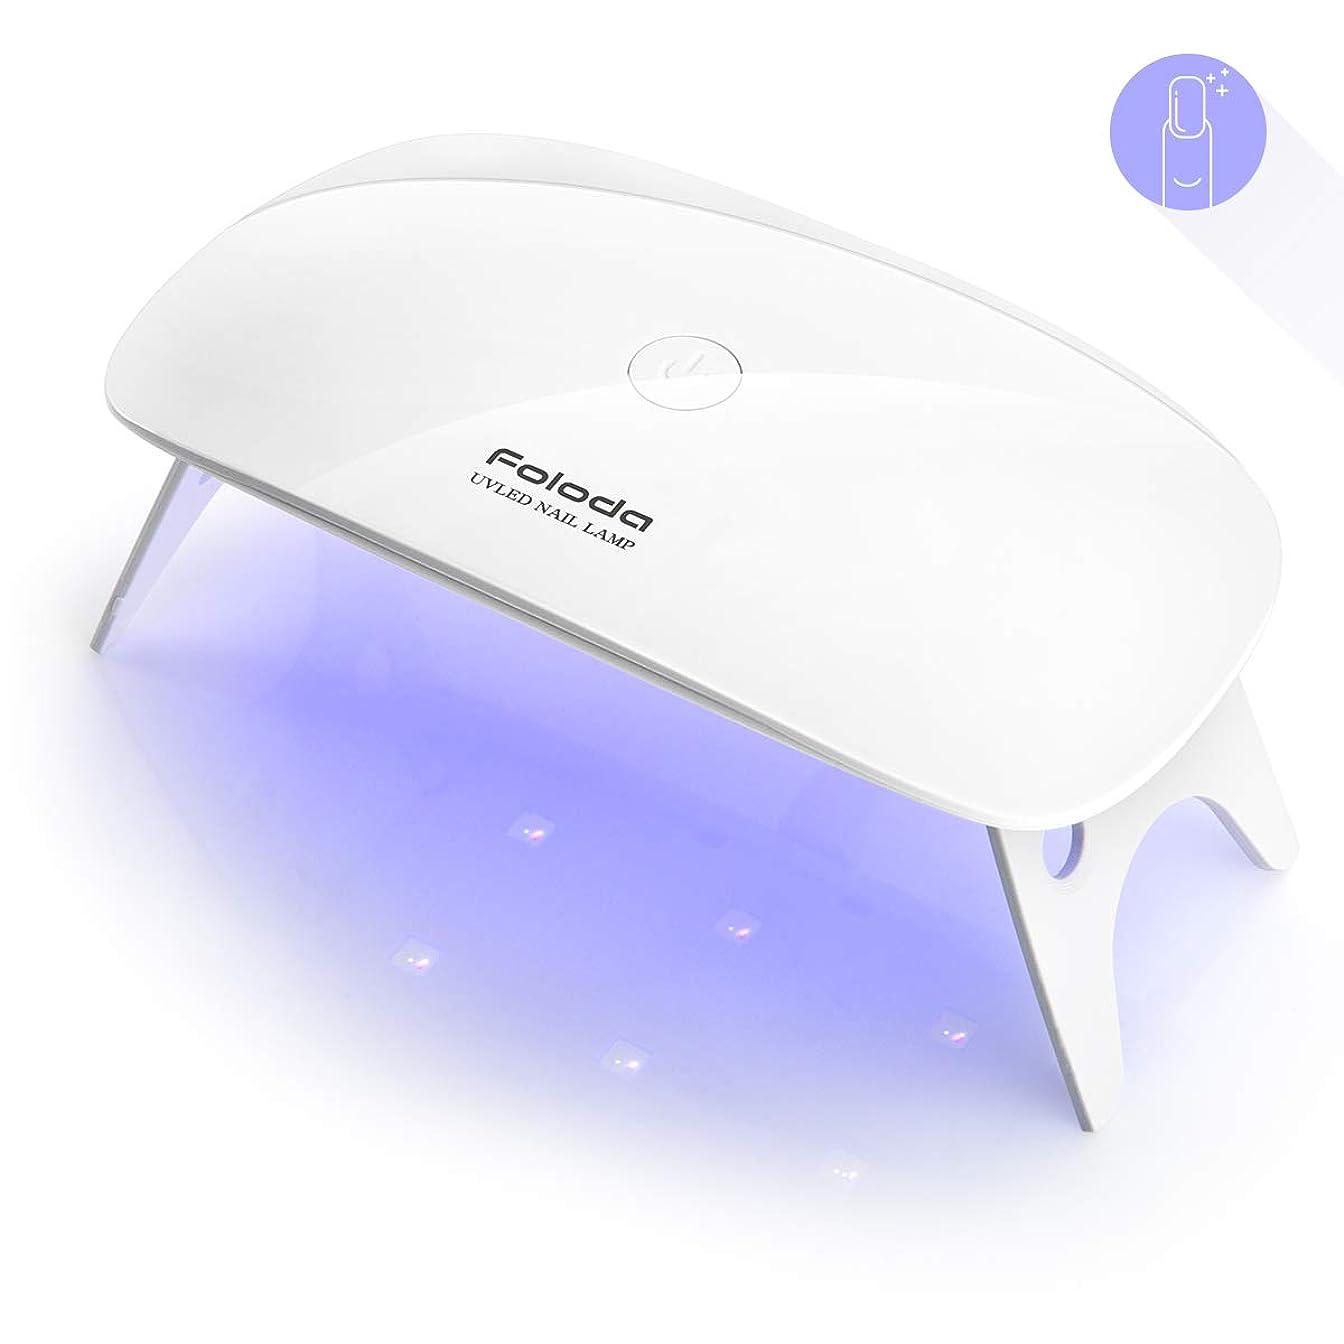 投獄裁判官換気LEDネイルドライヤー UVライト Foloda タイマー設定可能 折りたたみ式手足とも使える 人感センサー式 LED 硬化ライト UV と LEDダブルライト ジェルネイル用 ホワイト (white)